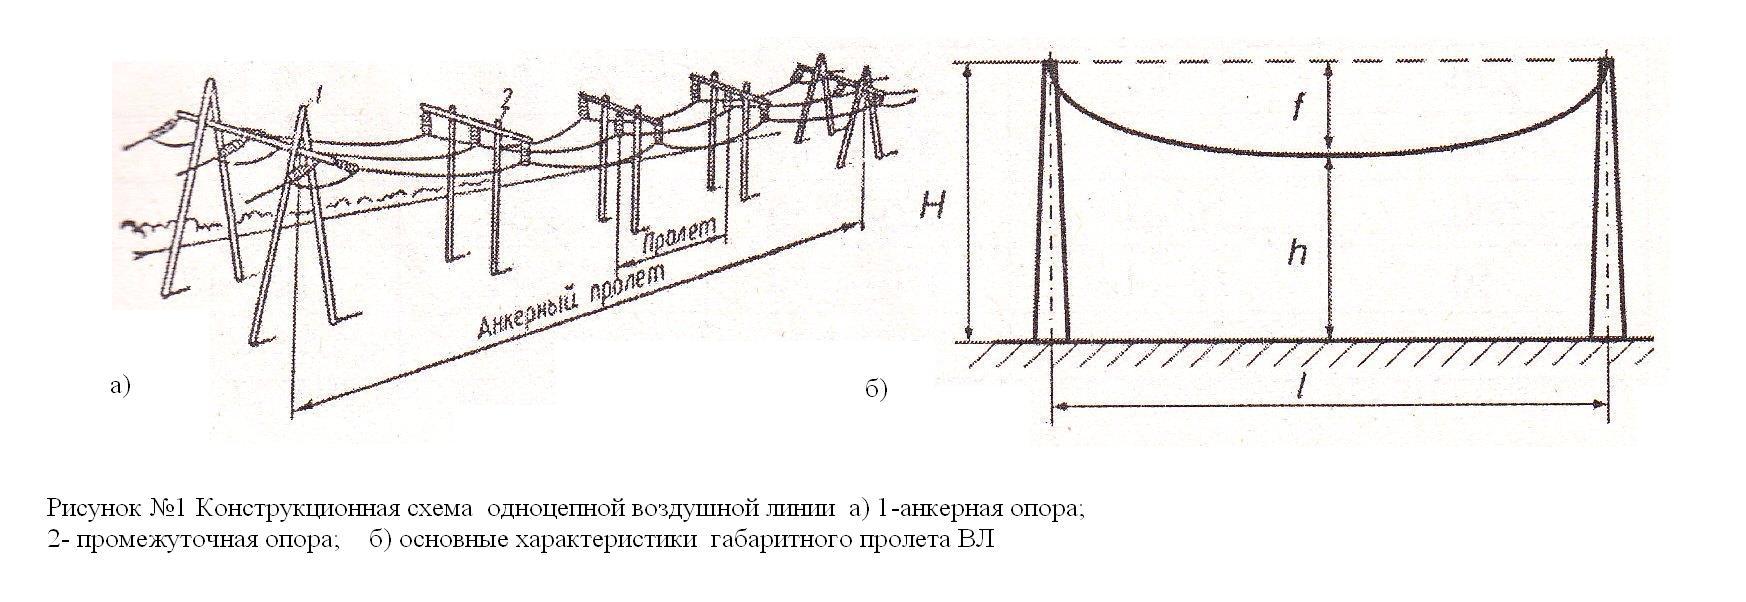 Схема передачи электрической энергии фото 508